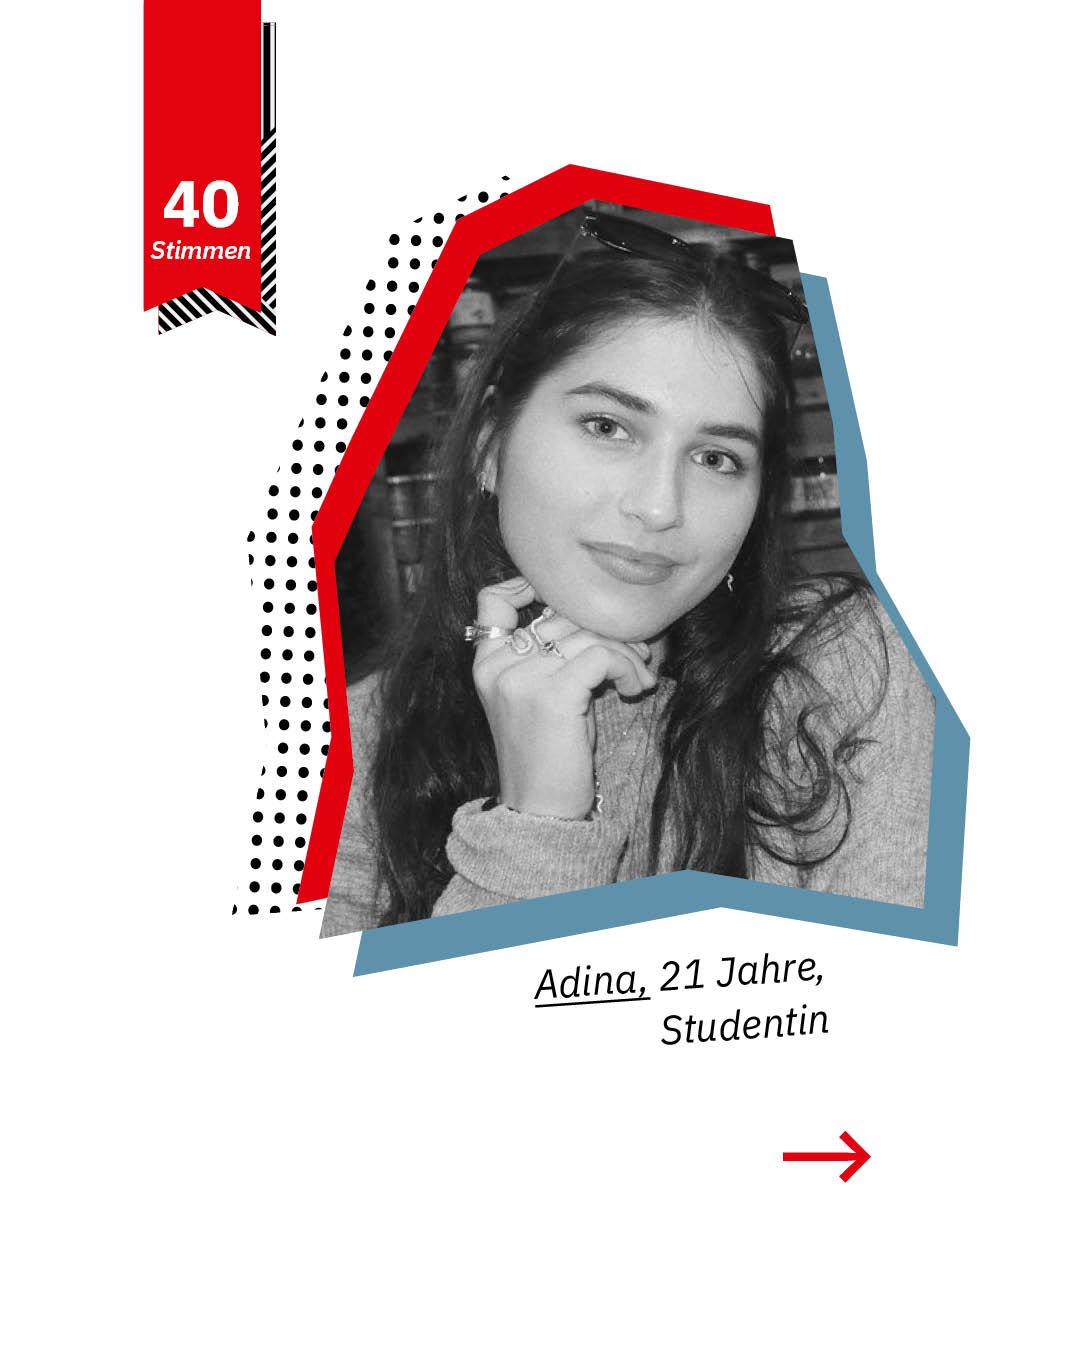 Statement 40 Jahre Gleichberechtigung, Adina, Studentin